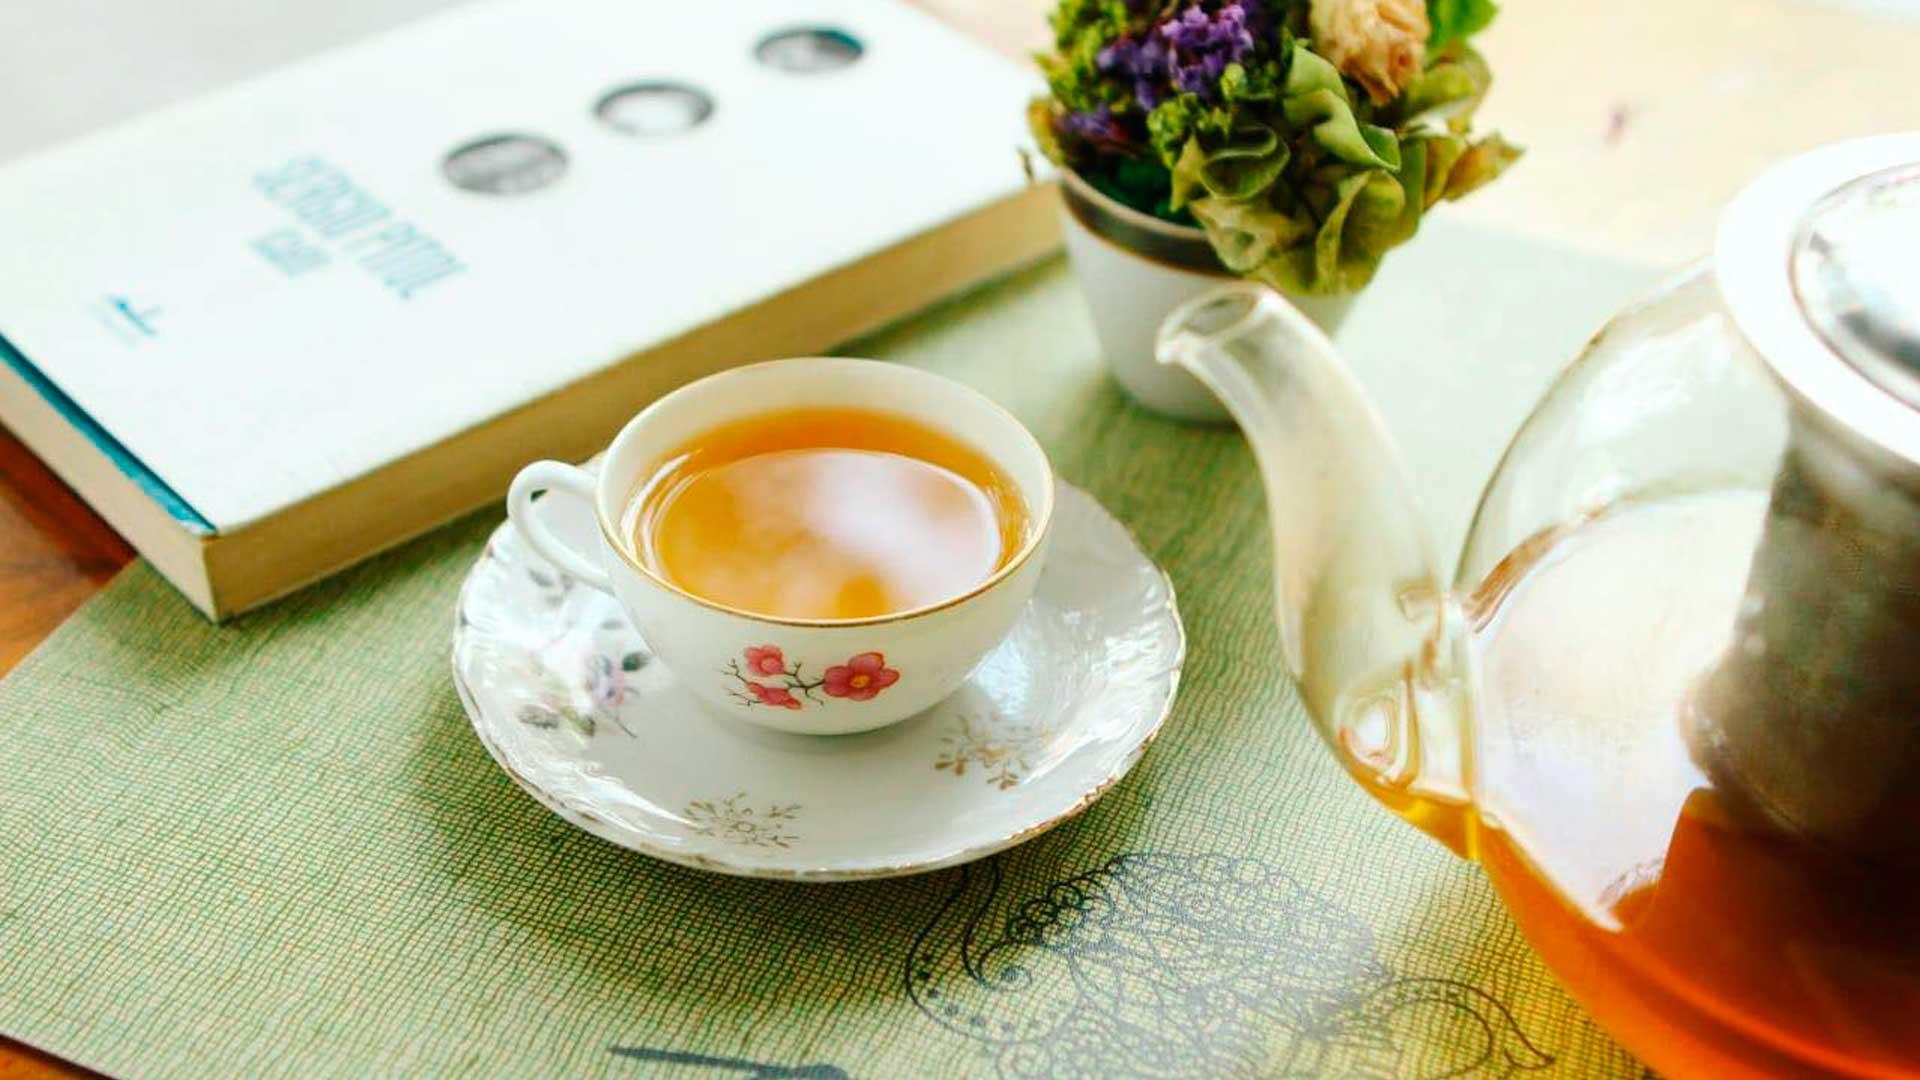 Día Internacional del Té, un motivo para tomar la vida